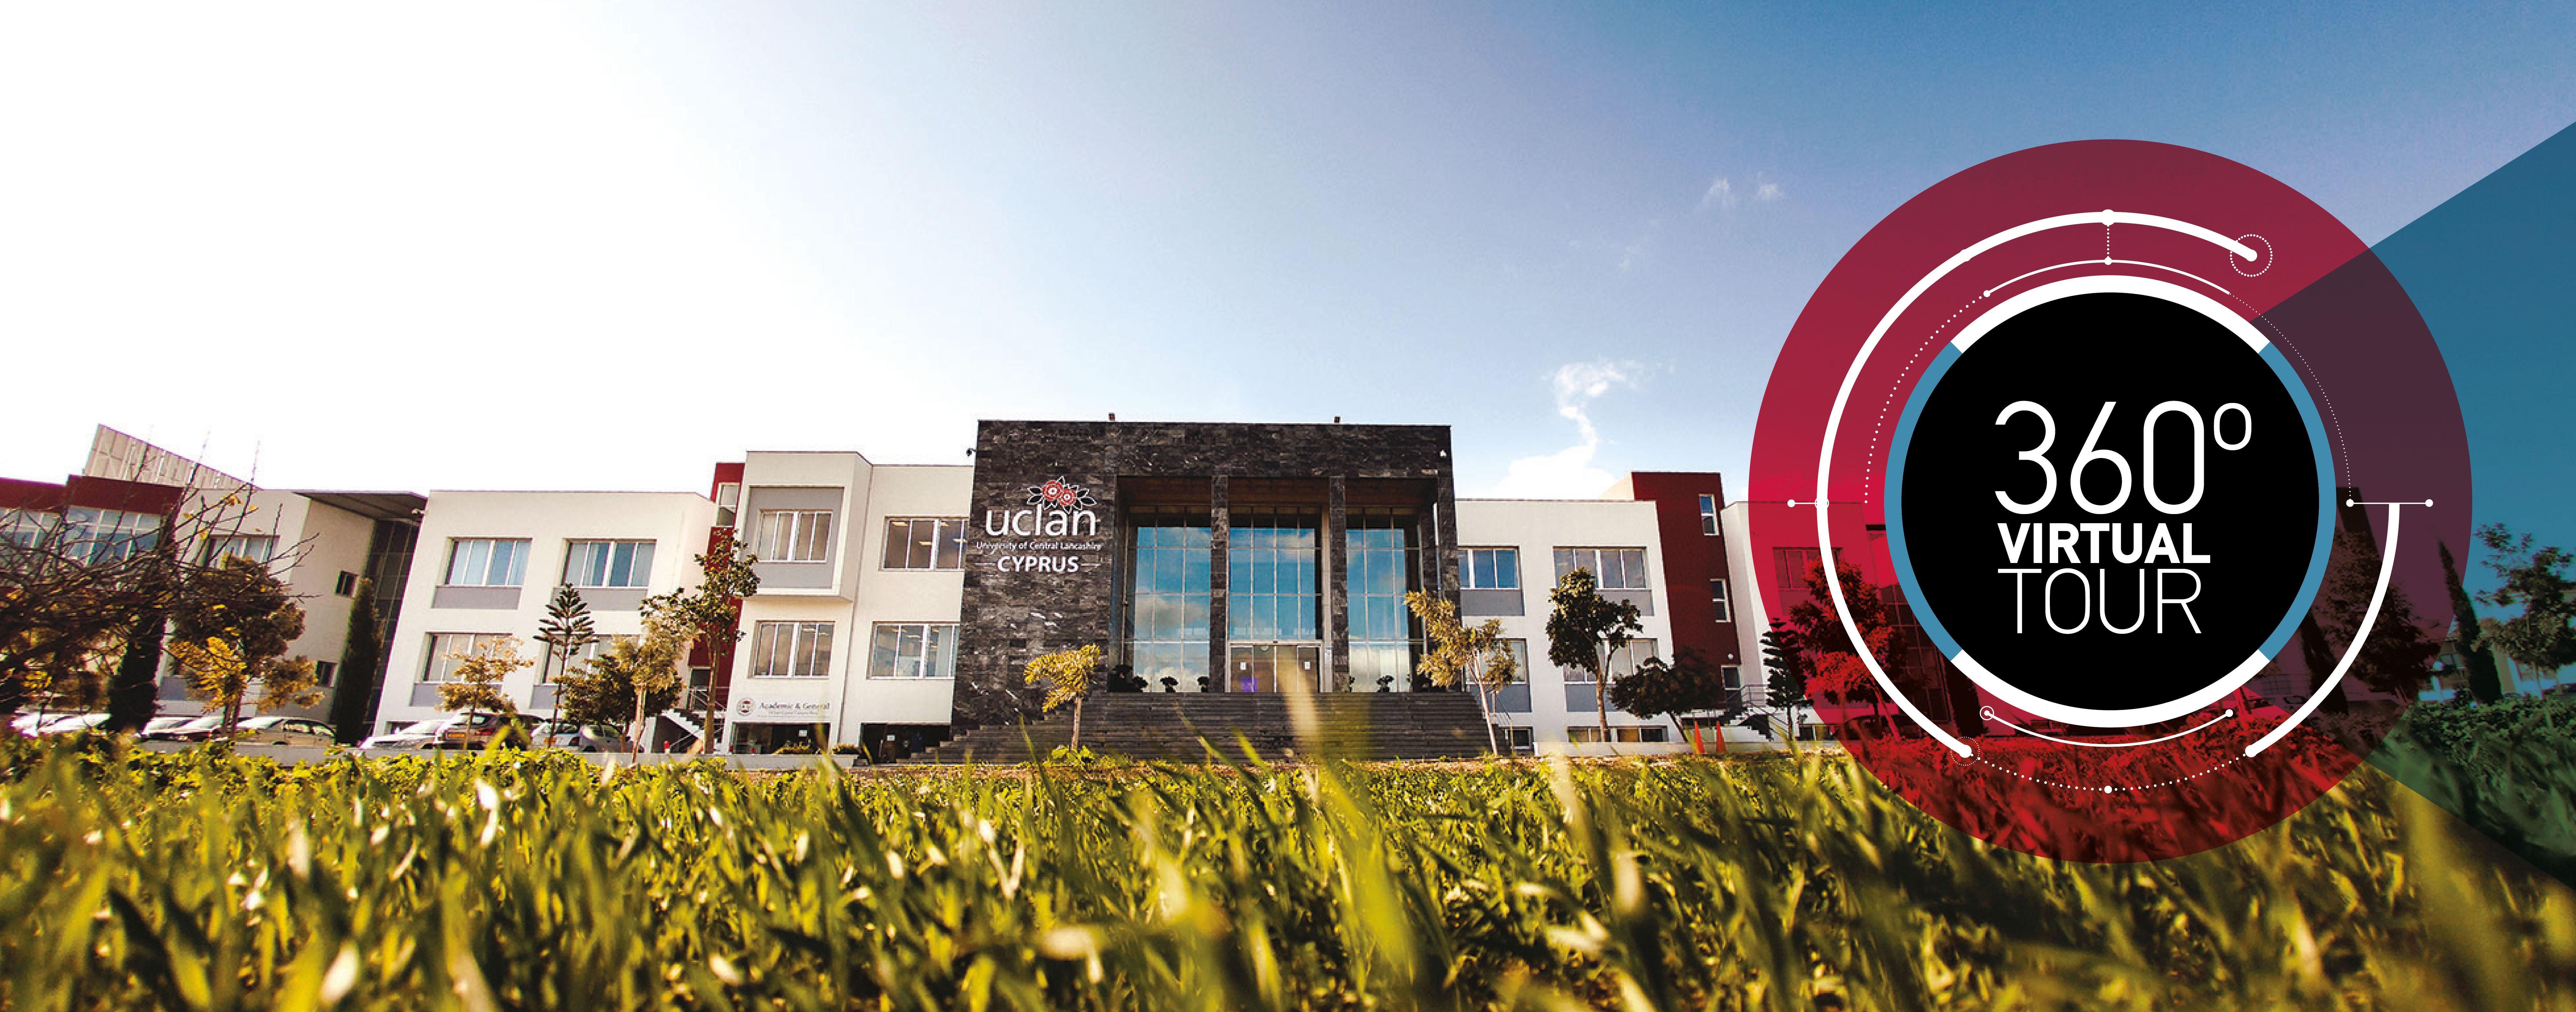 Uclan - Đại học Central Lancashire Síp 1 khóa học 2 bằng cấp UK và Síp.